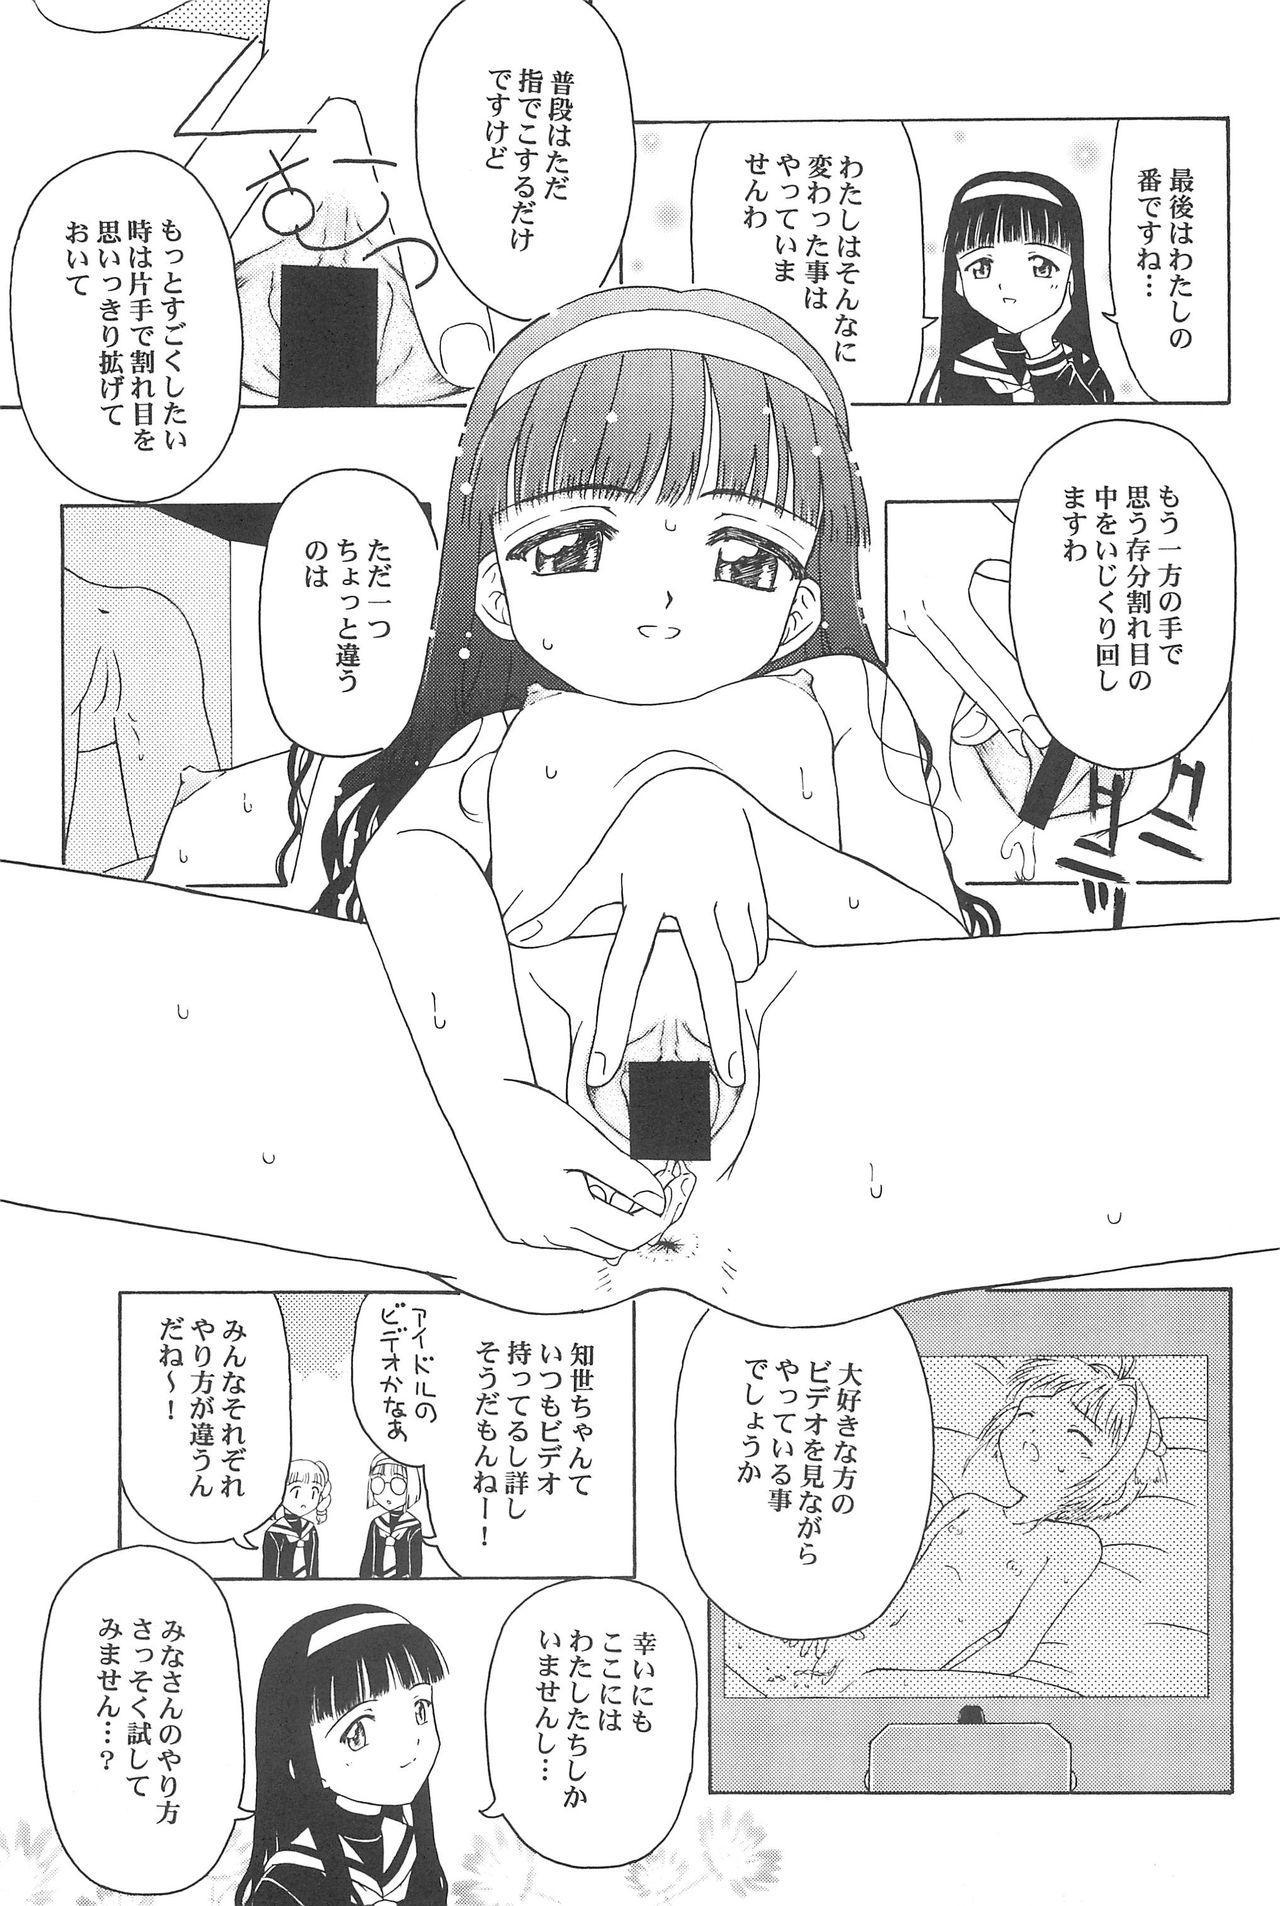 Sakura to Tomoyo ALL OF INTERCOURSE Jou 45